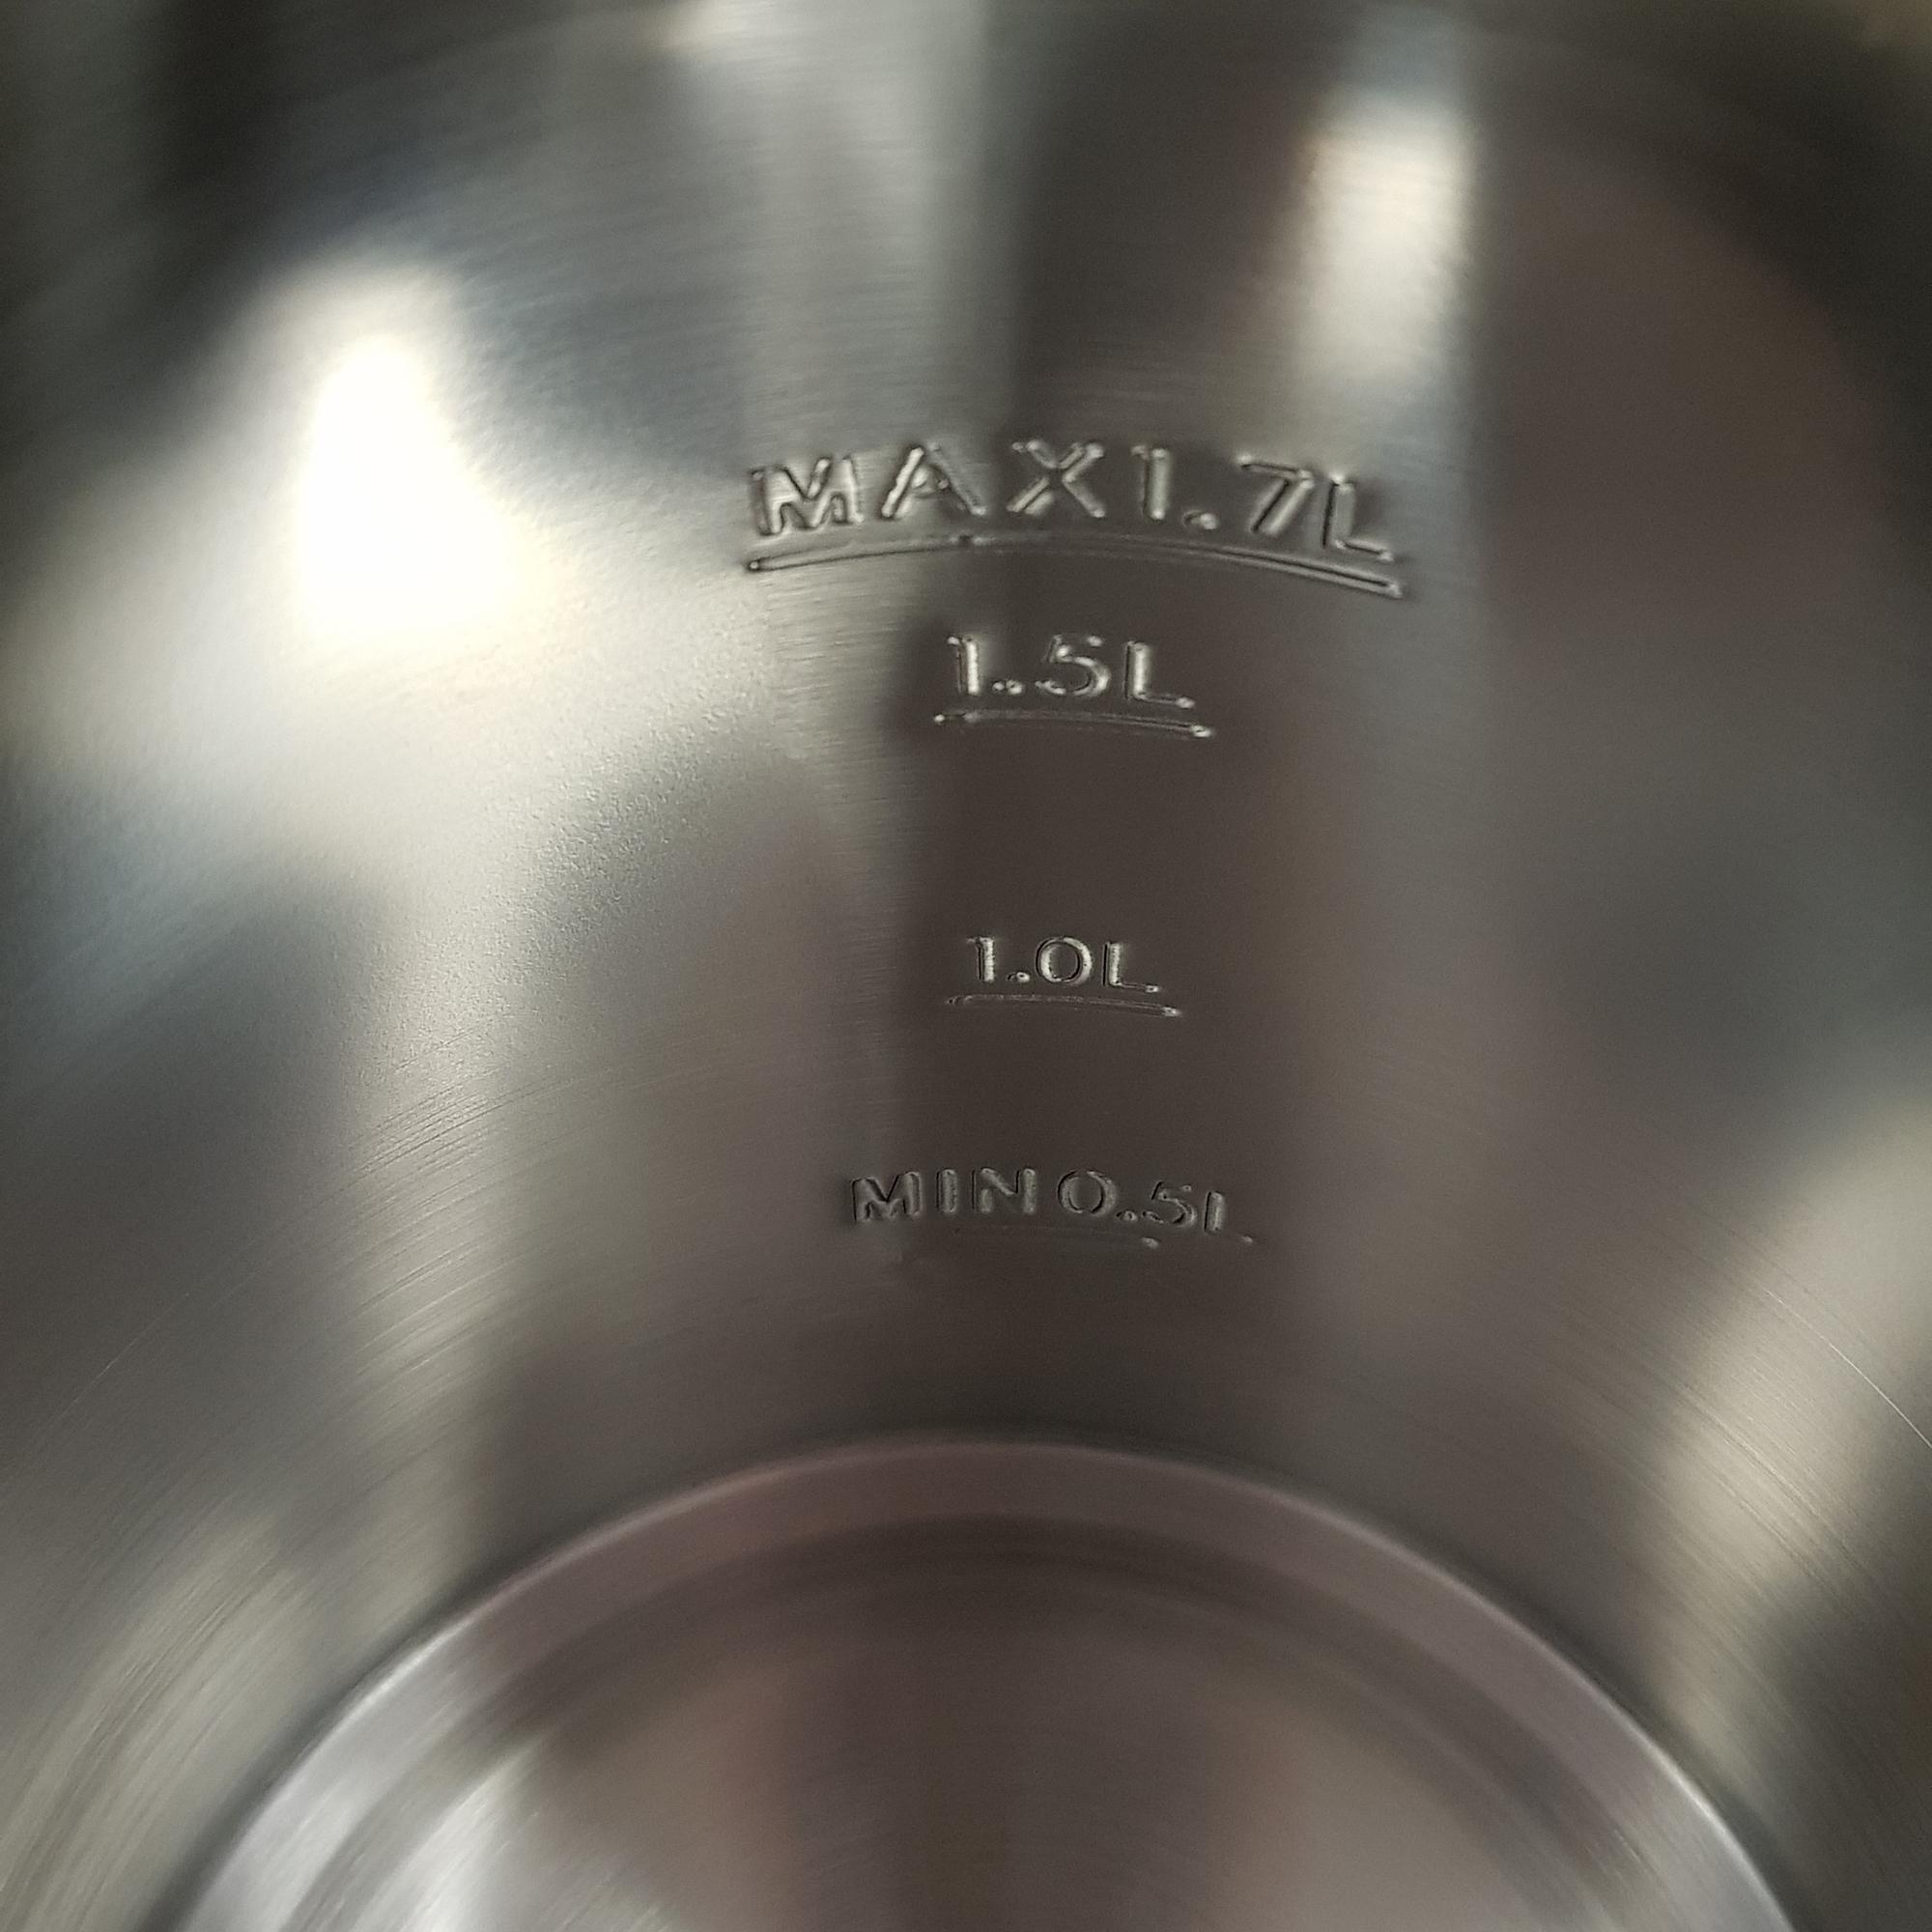 MPM MCZ-91M Hervidor de agua eléctrico 1,7 litros, recipiente acero inoxidable sin BPA, resistencia oculta, 2200 W con apagado automático al alcanzar la ebullición, inalámbrico 360º sin cable, filtro de cal